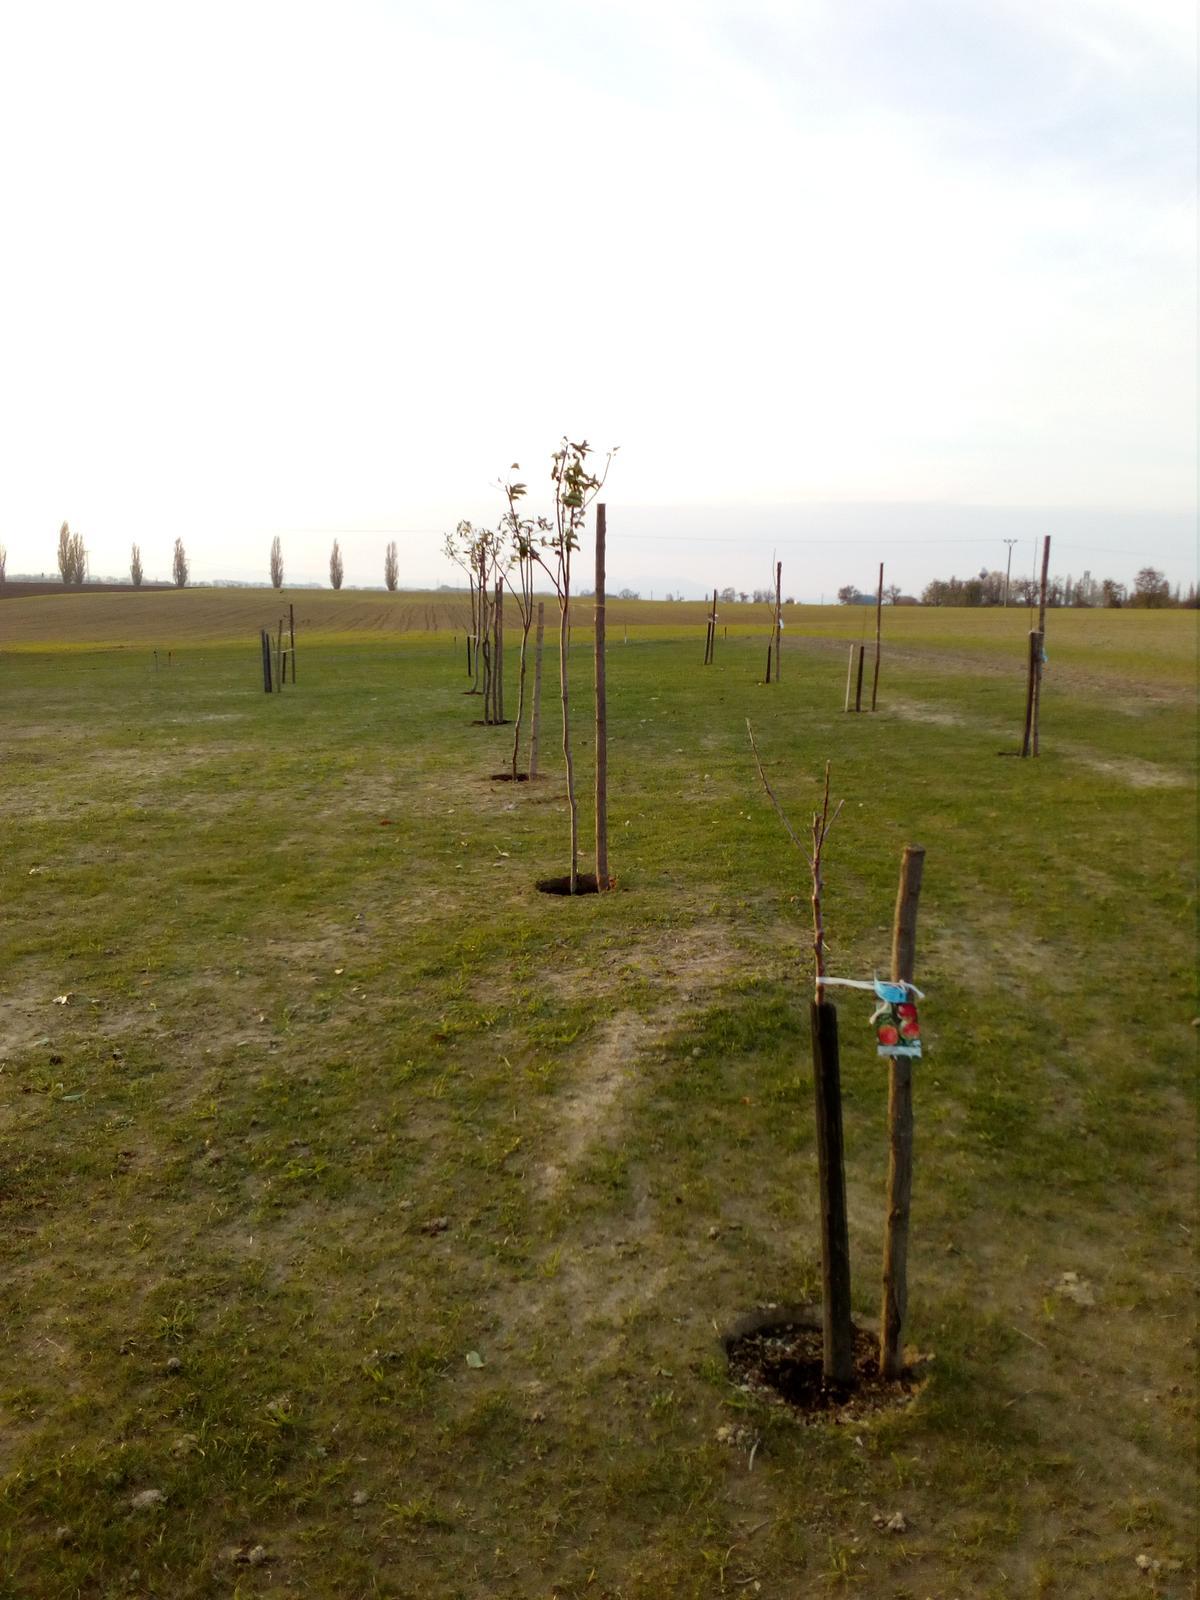 Okolie domu, záhrada - 04.11.2017 - Výsadba stromčekov